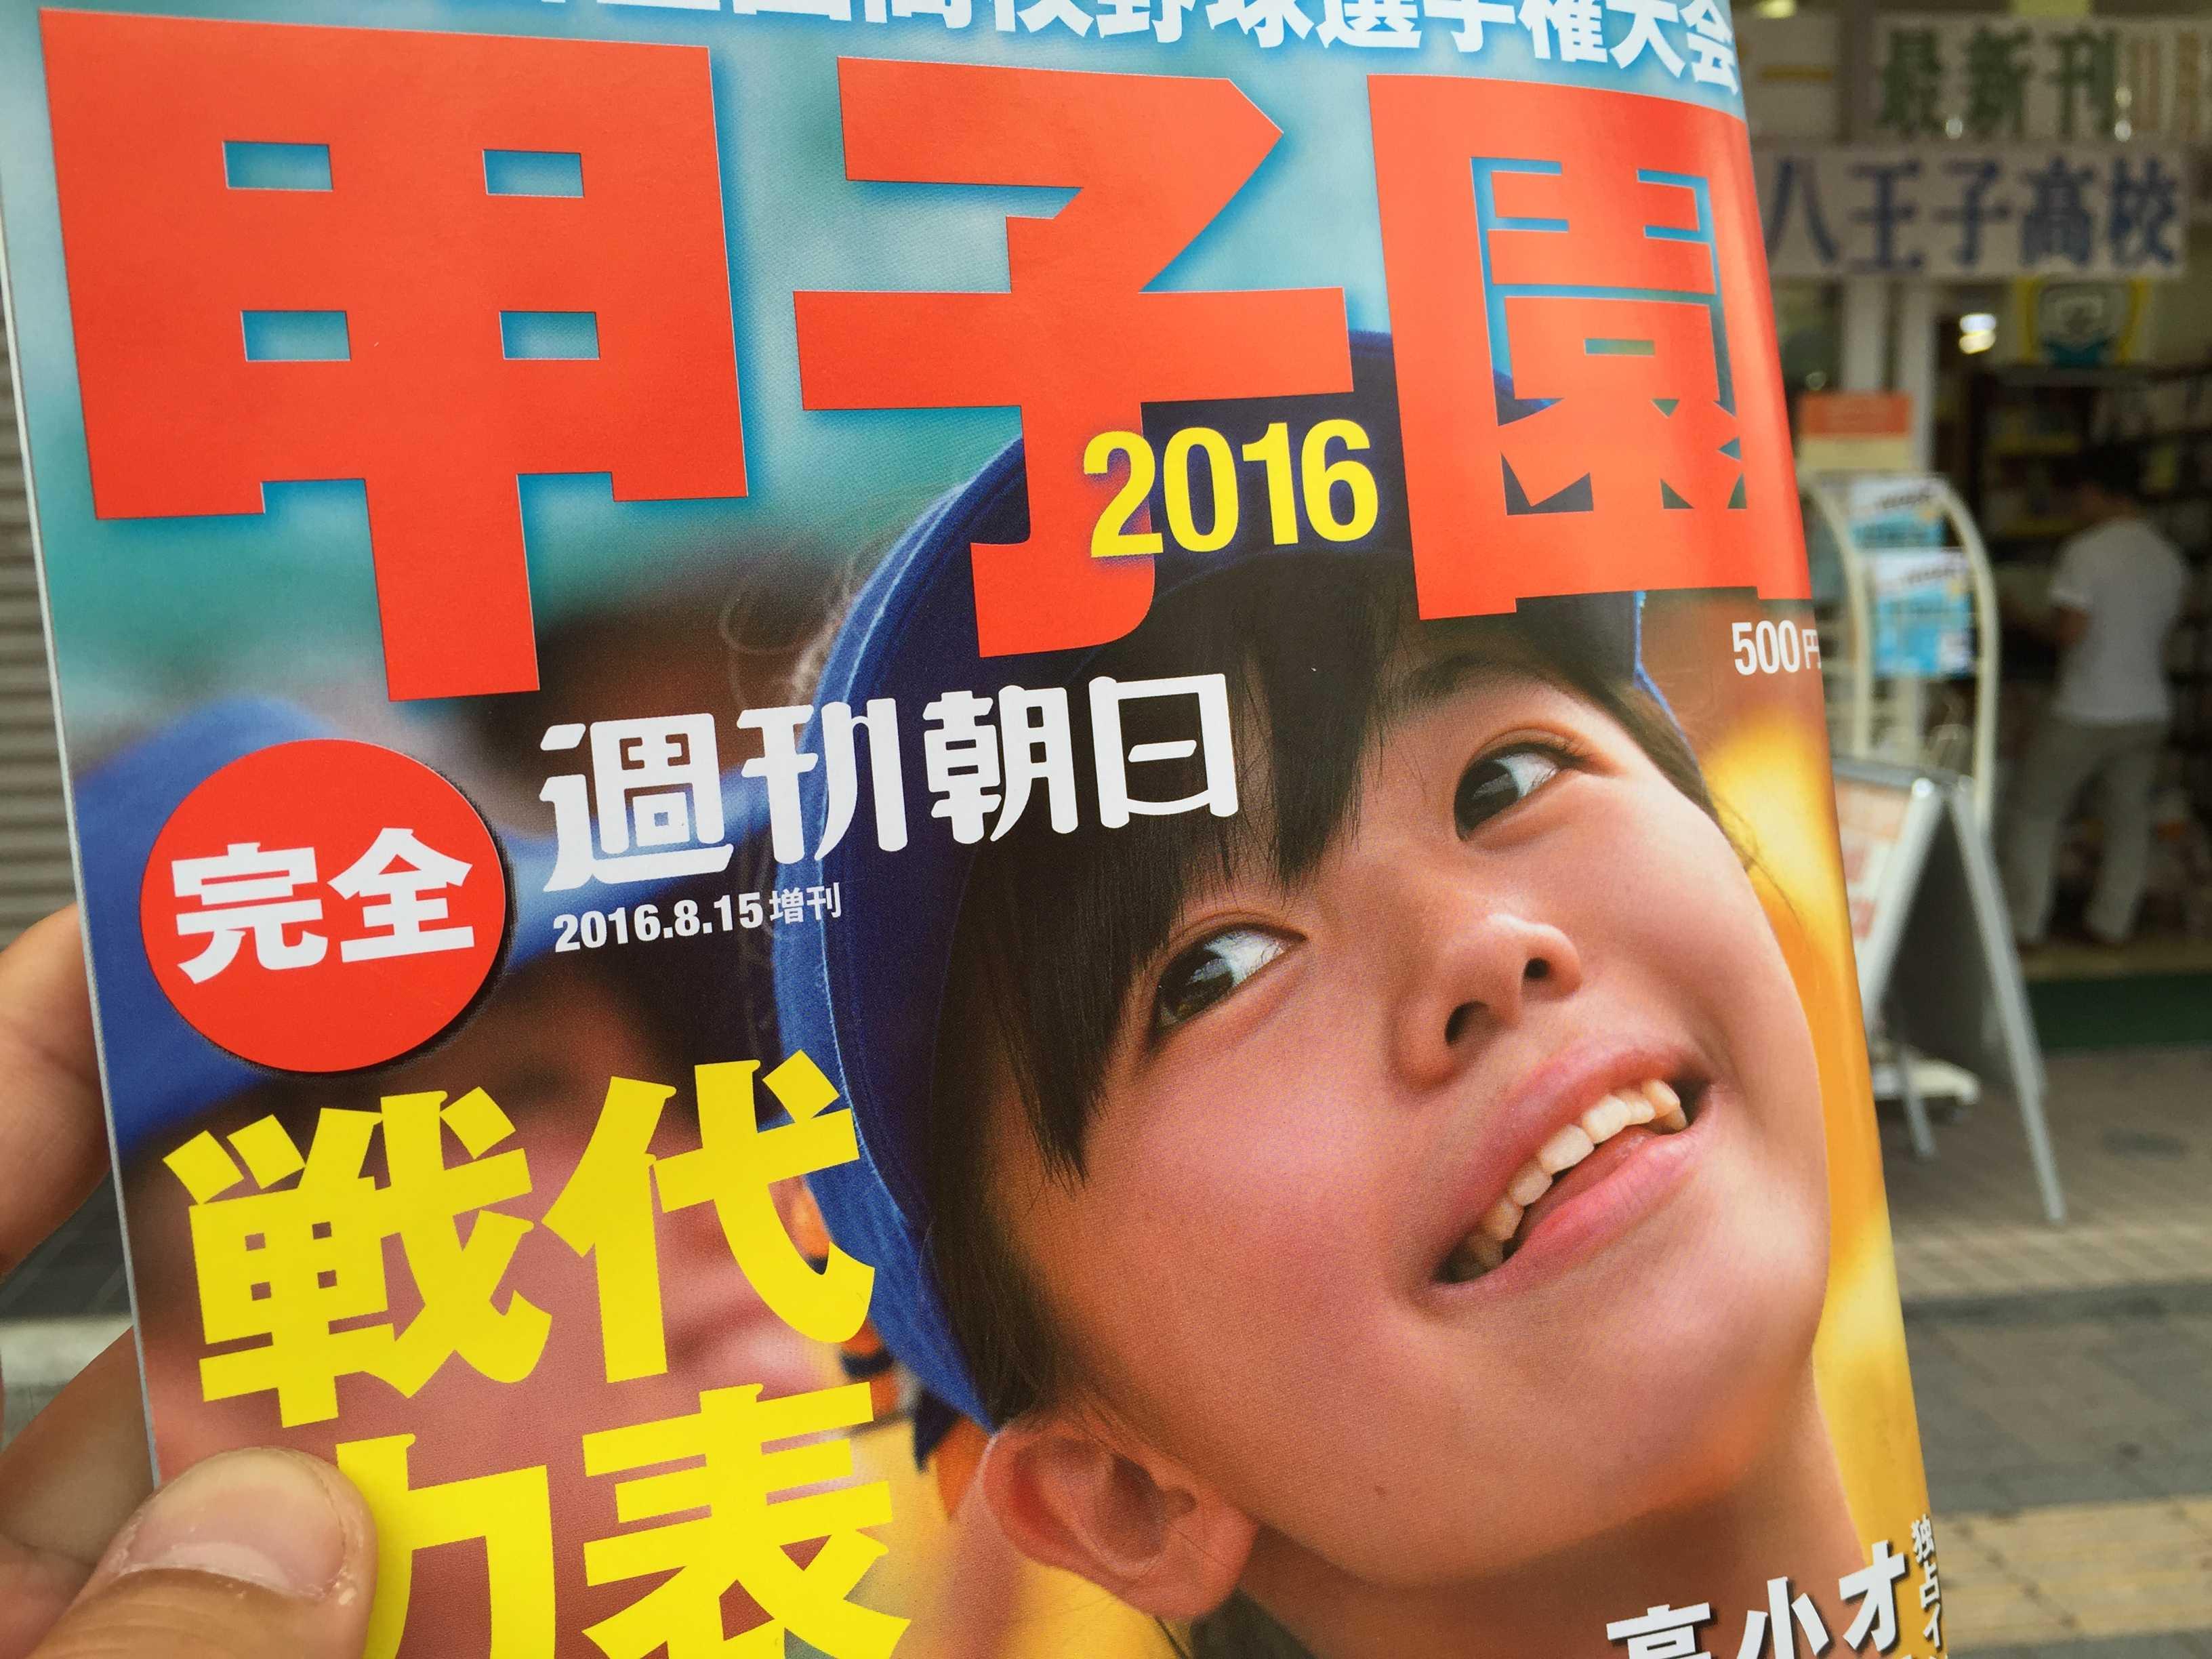 週刊朝日の表紙の女子高生 画像